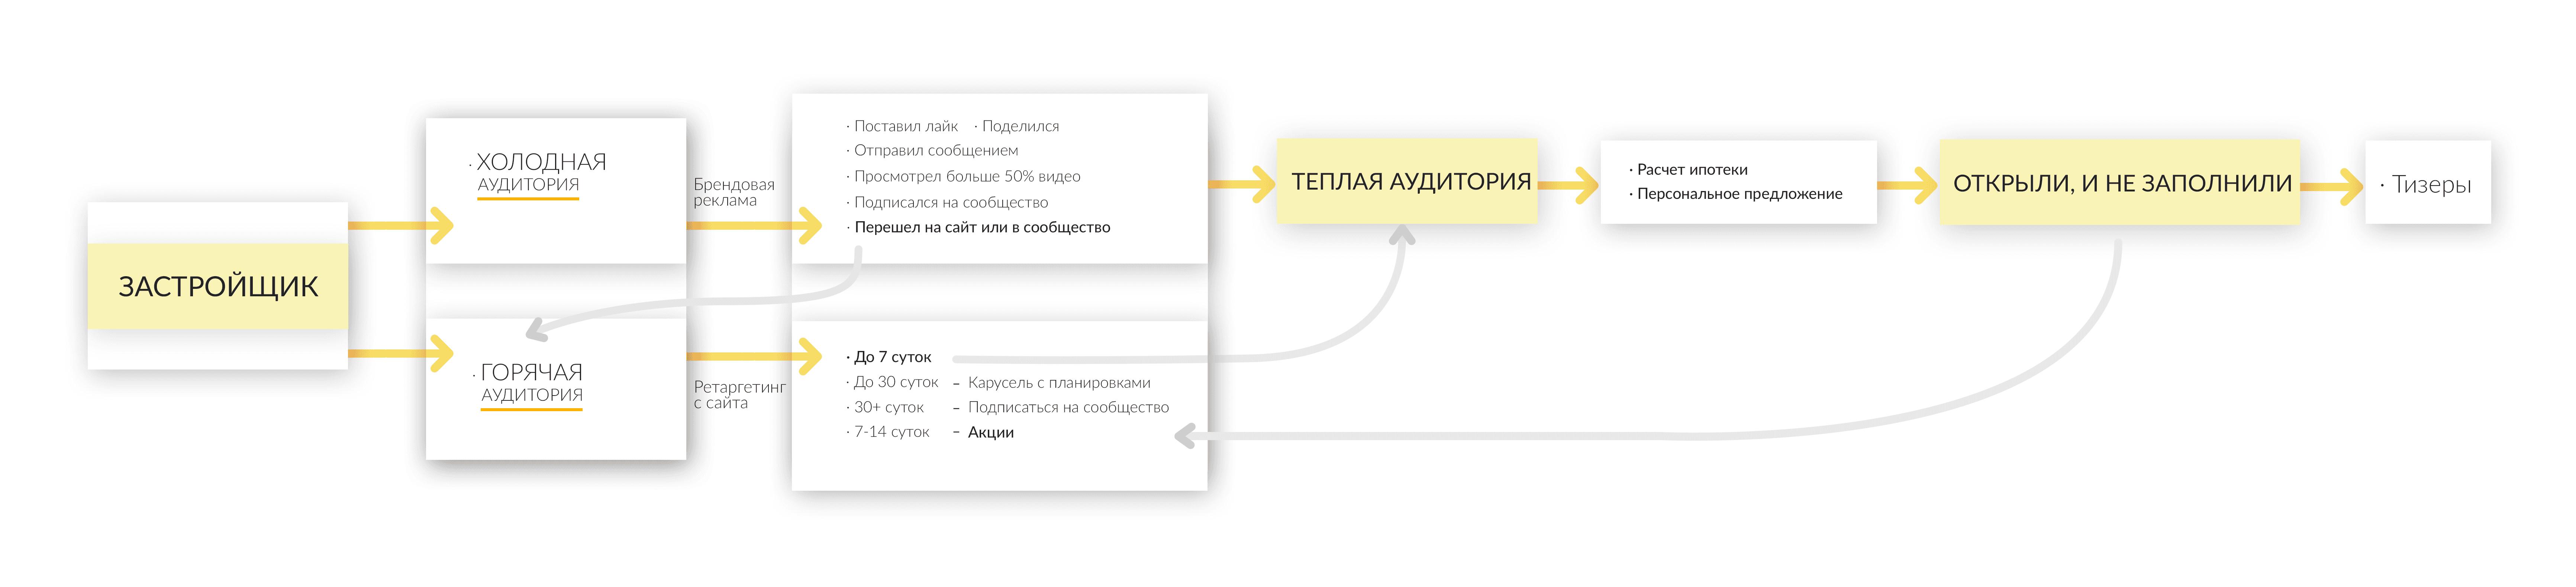 Продвижение объектов недвижимости через интернет - схема для ВКонтакте